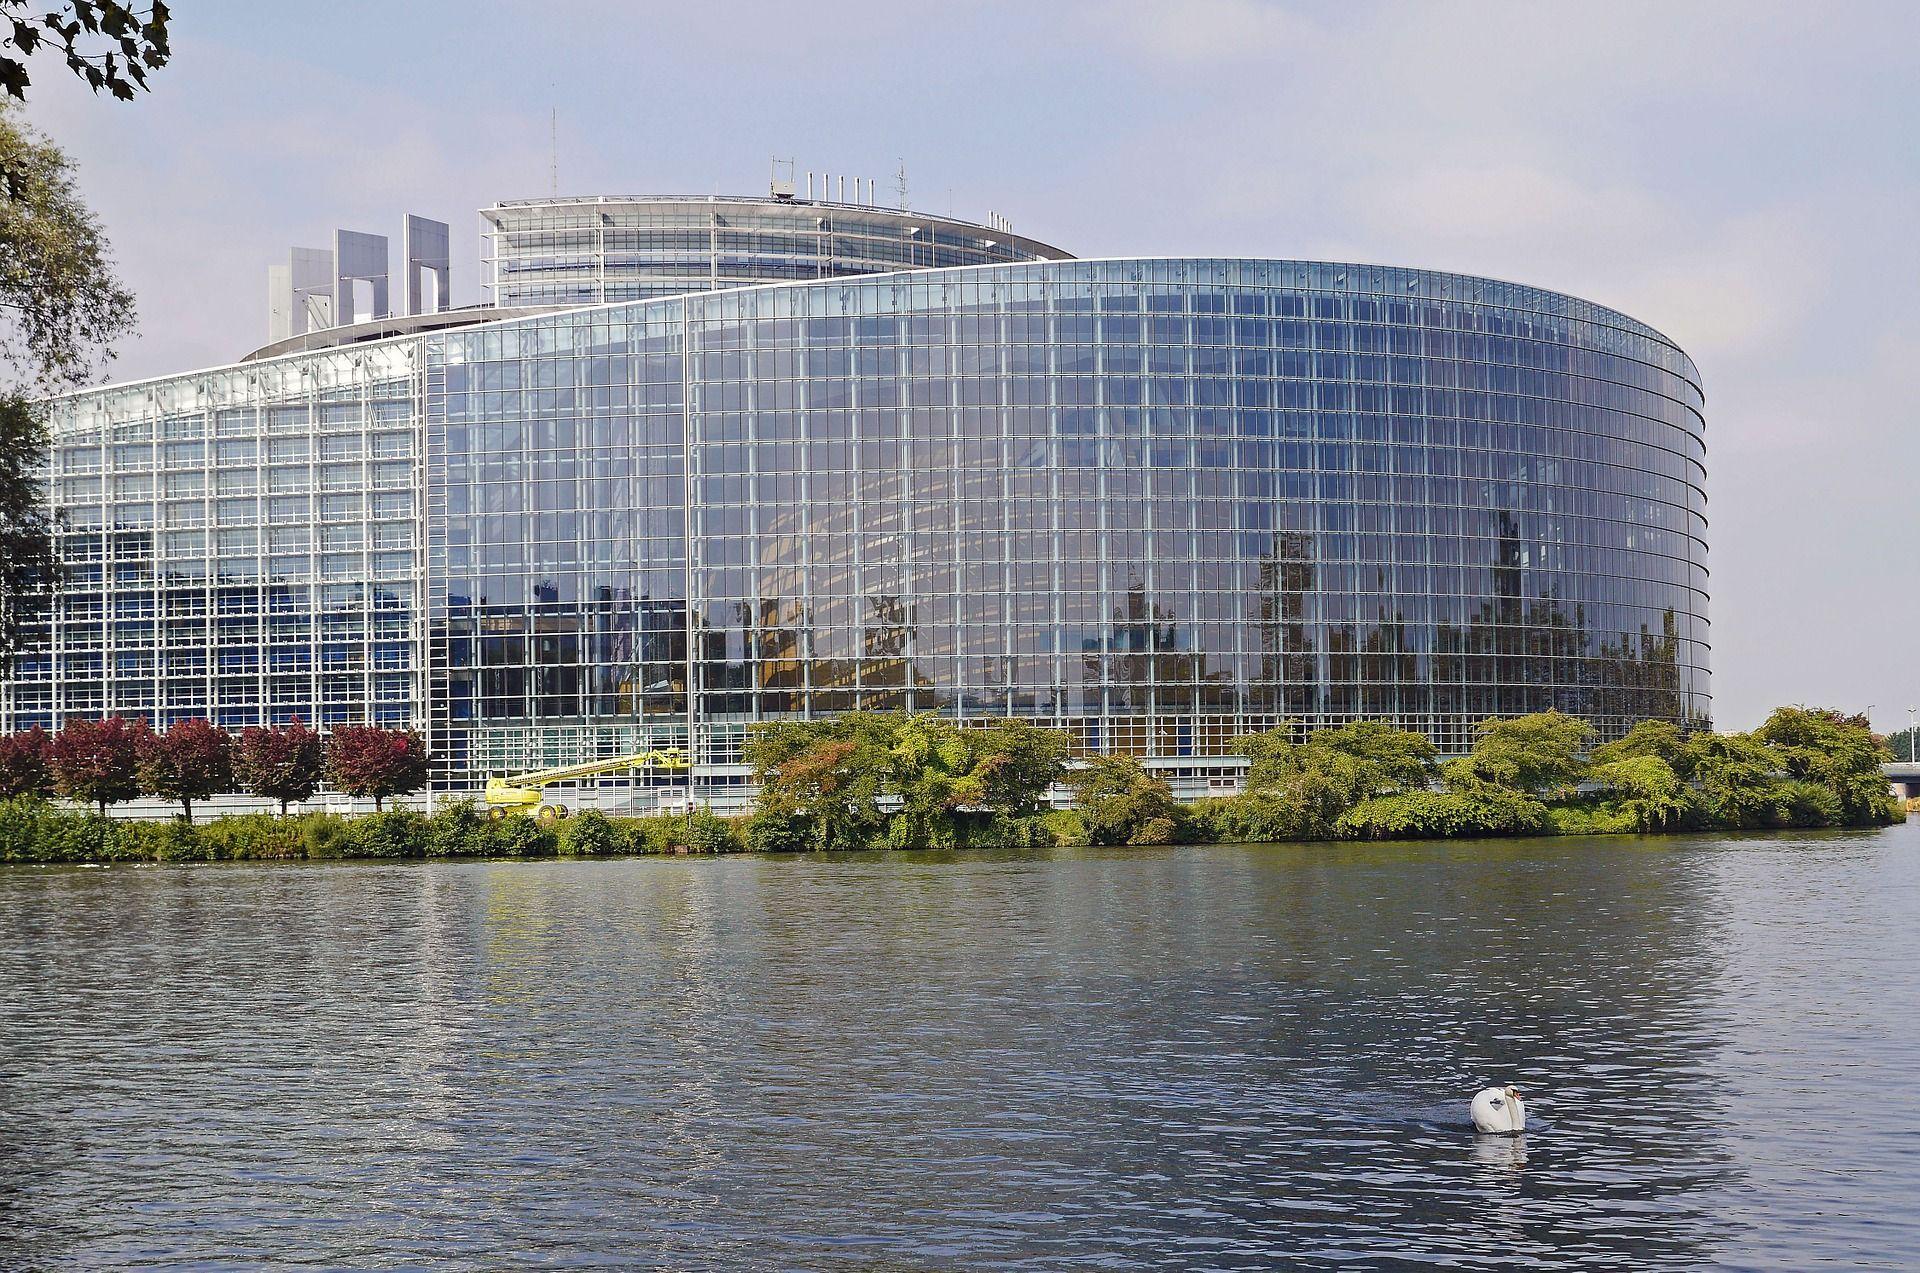 W maju Europa wybierze europosłów